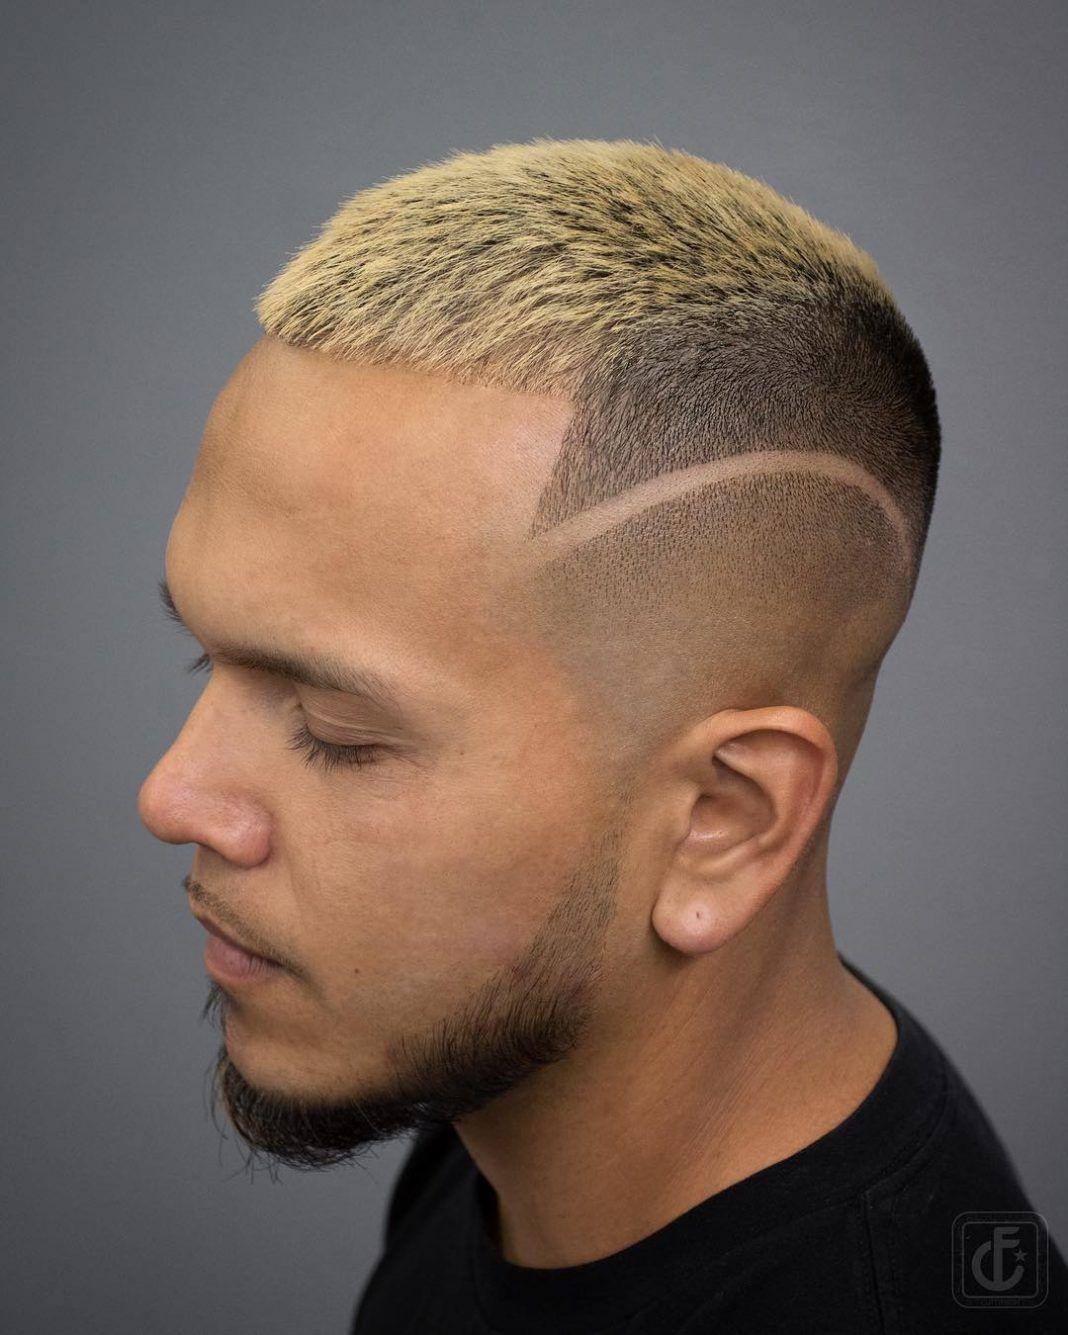 35 Teintures De Cheveux Pour Homme Coupe De Cheveux Homme Teinture Cheveux Coupe Cheveux Homme Cheveux Courts Homme